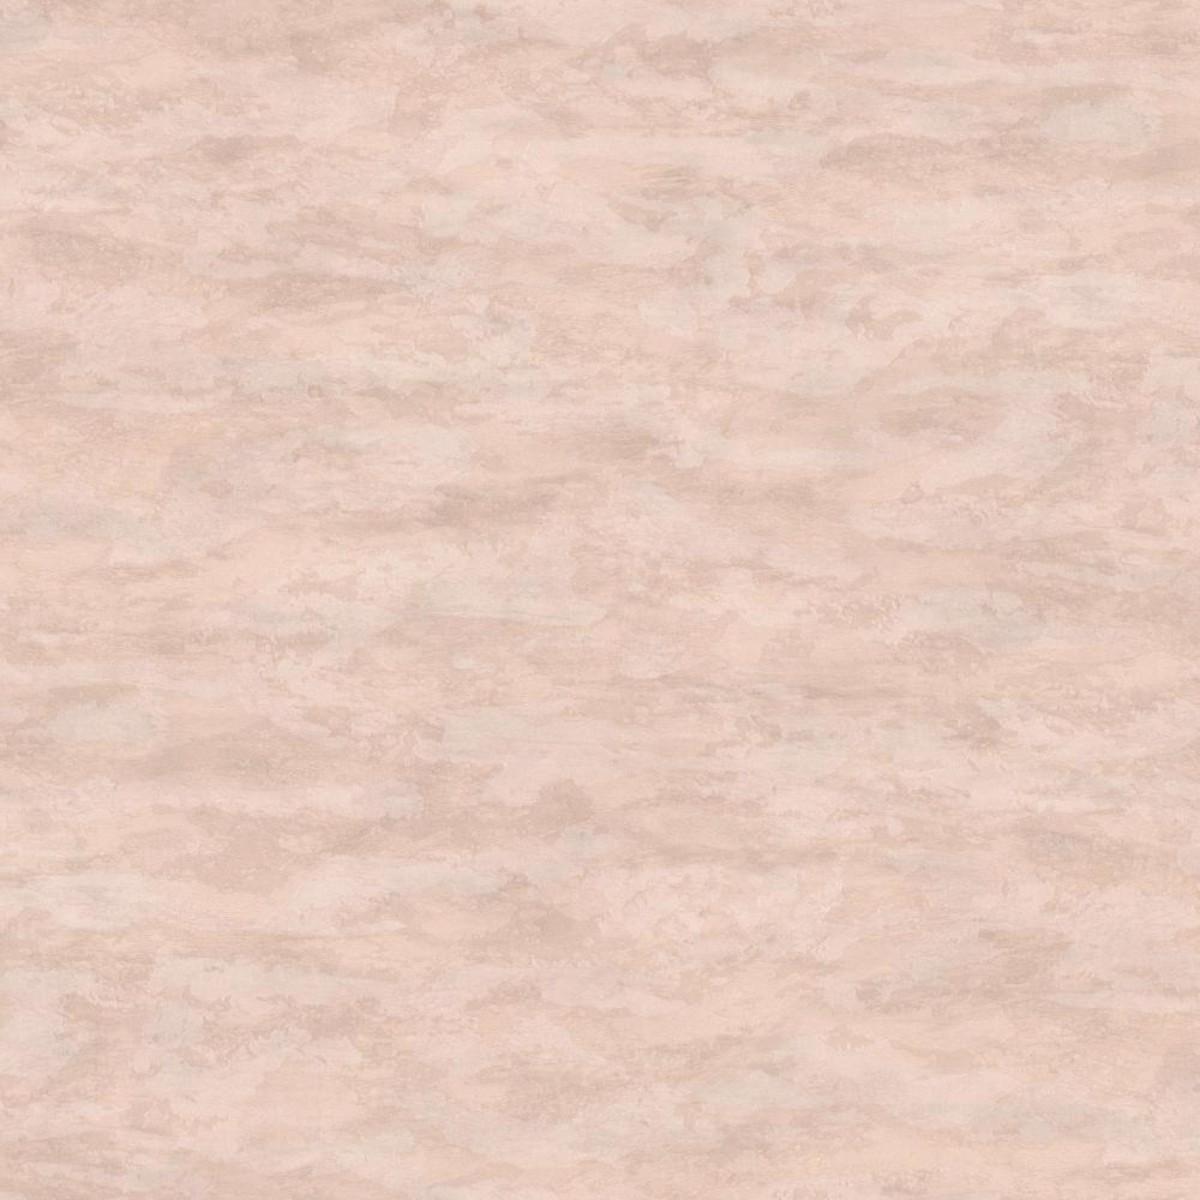 Обои флизелиновые ПАЛИТРА Borneo бежевые PL71500-28 1.06 м